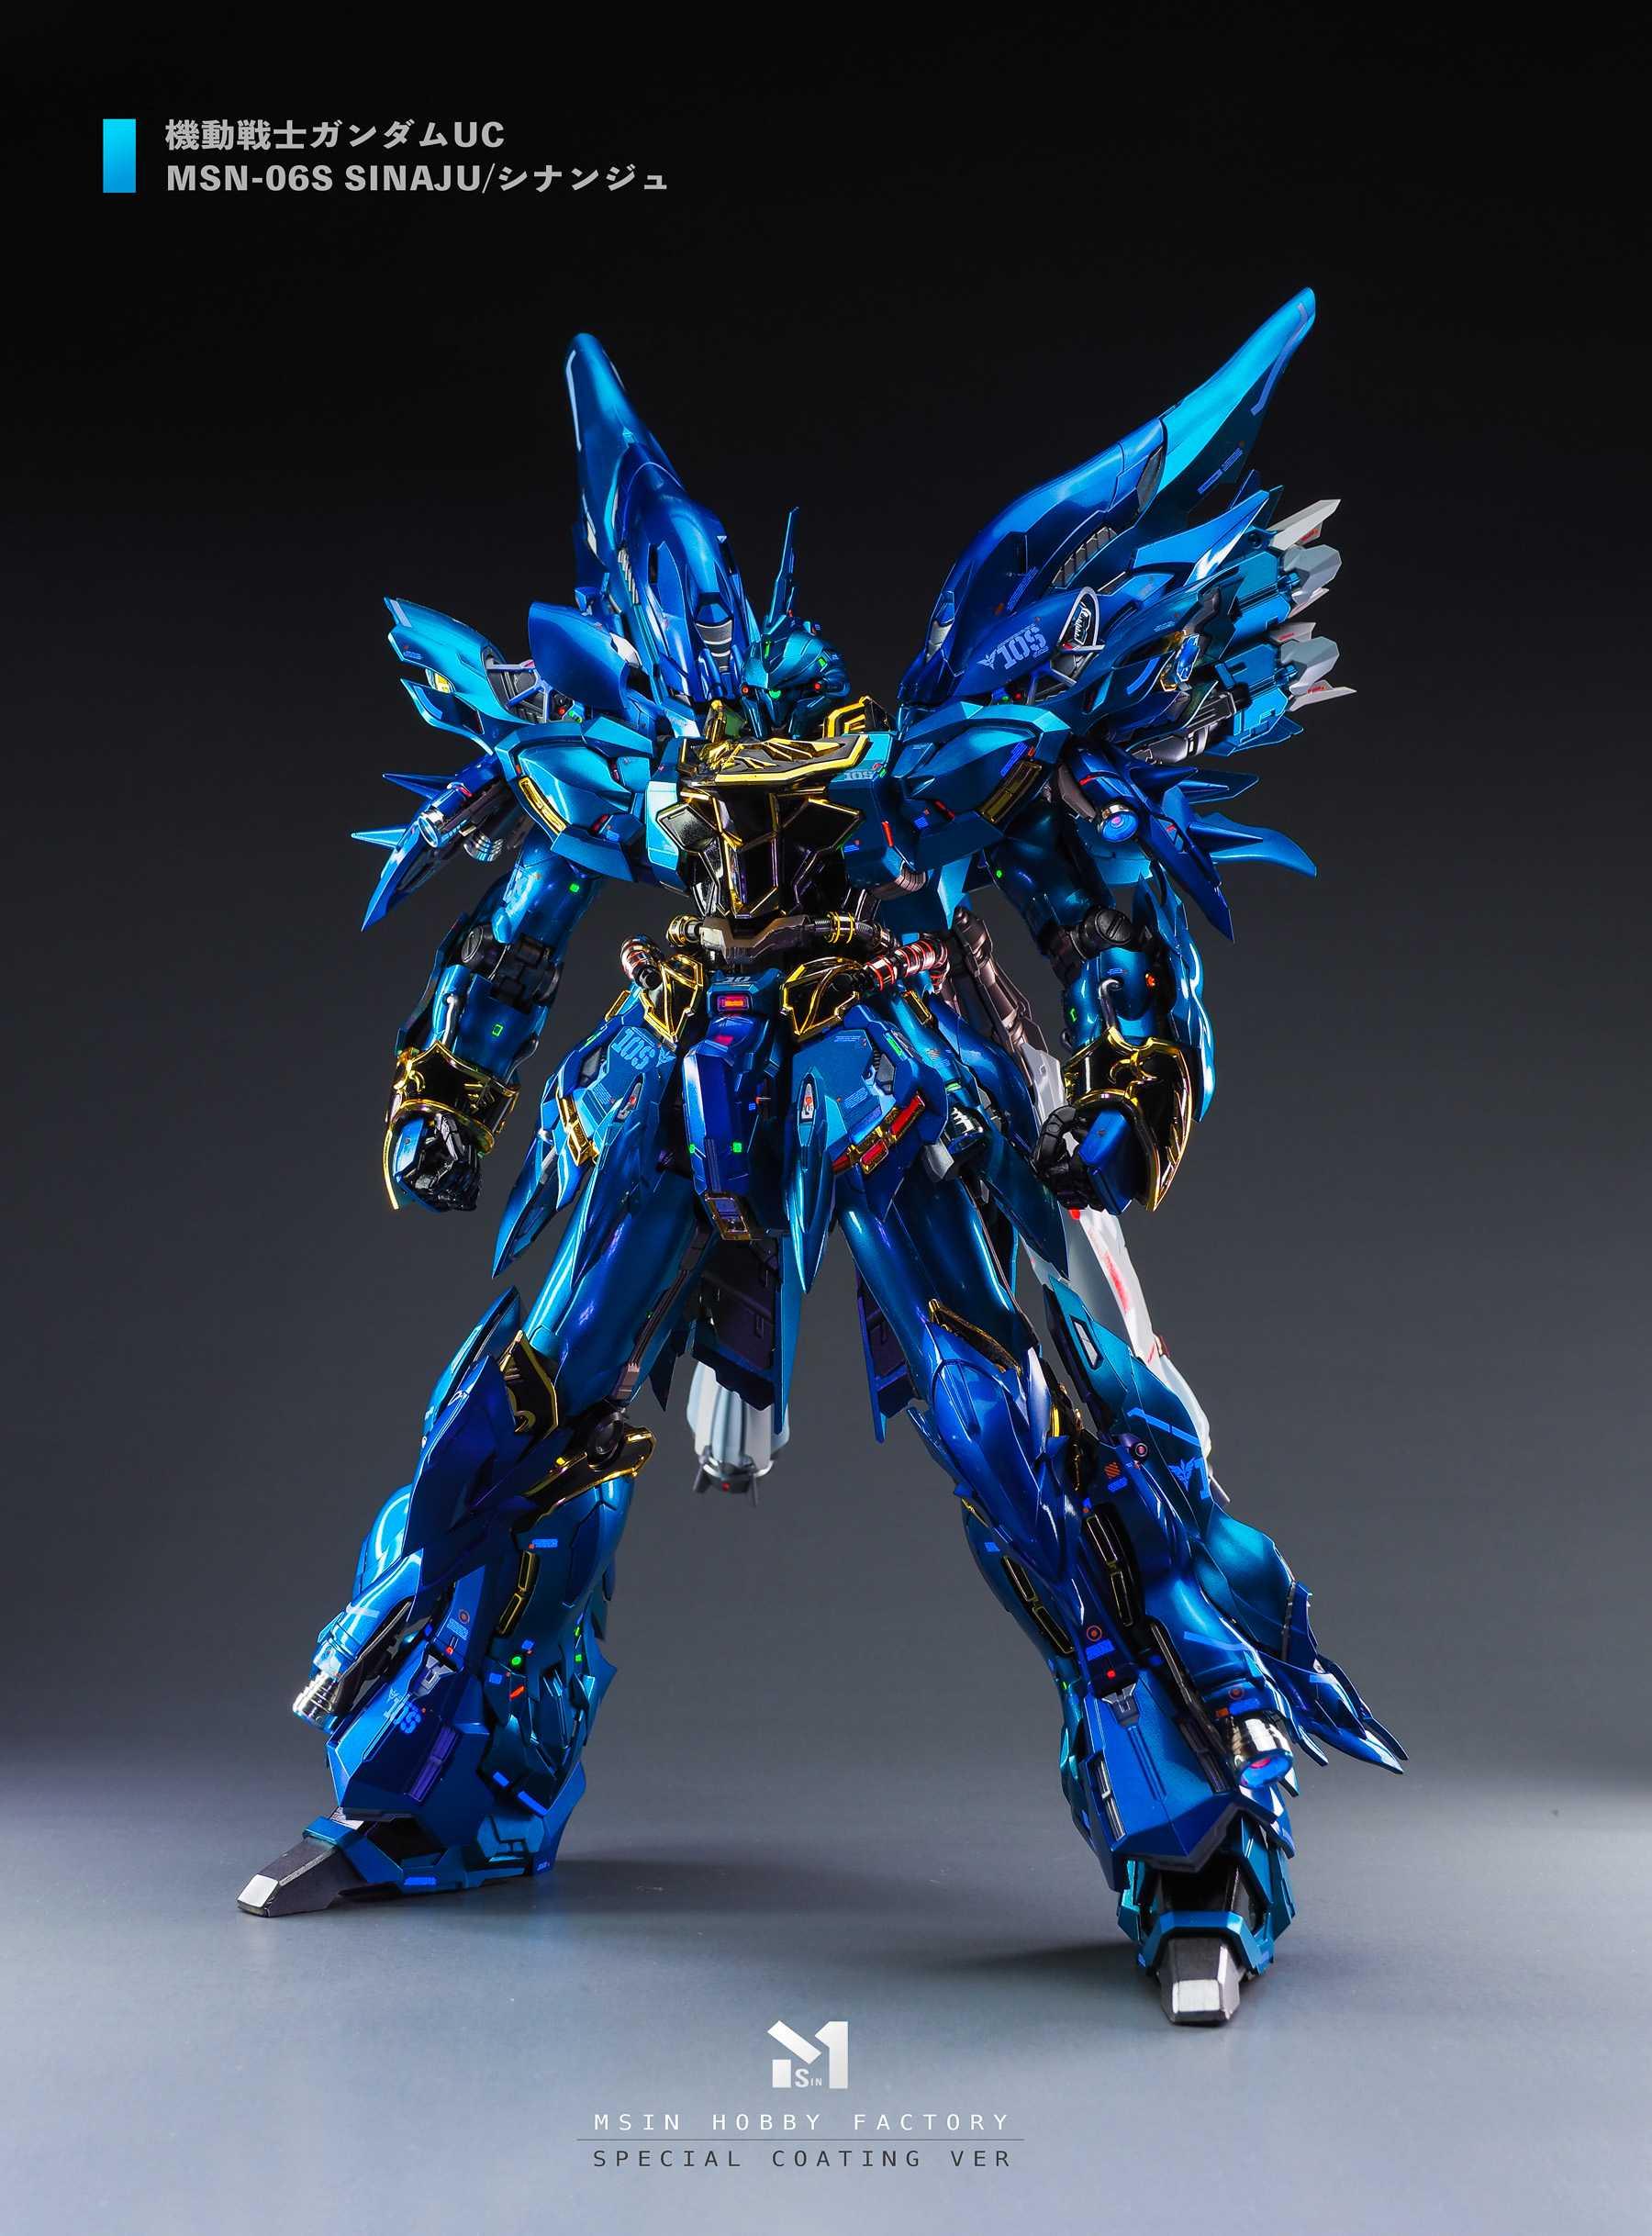 S437_4_sinanju_takumi_blue_017.jpg